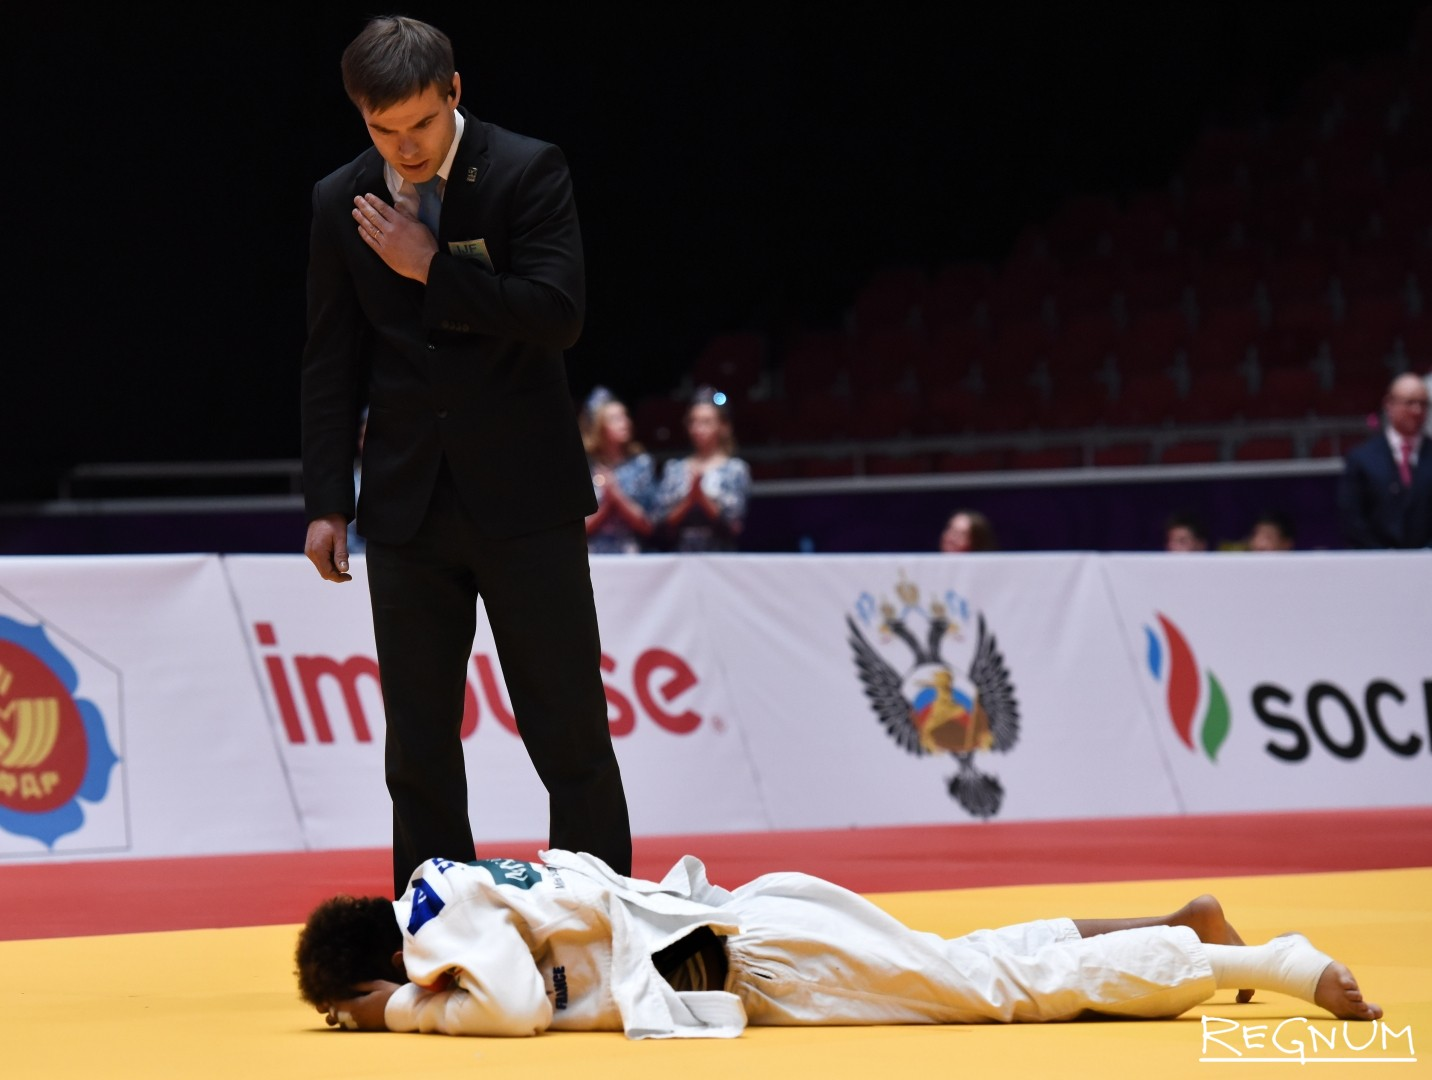 Международный турнир по дзюдо «Мастерс-2017». Дзюдоистка Бучард А. (Франция, белый) после поражения в финале